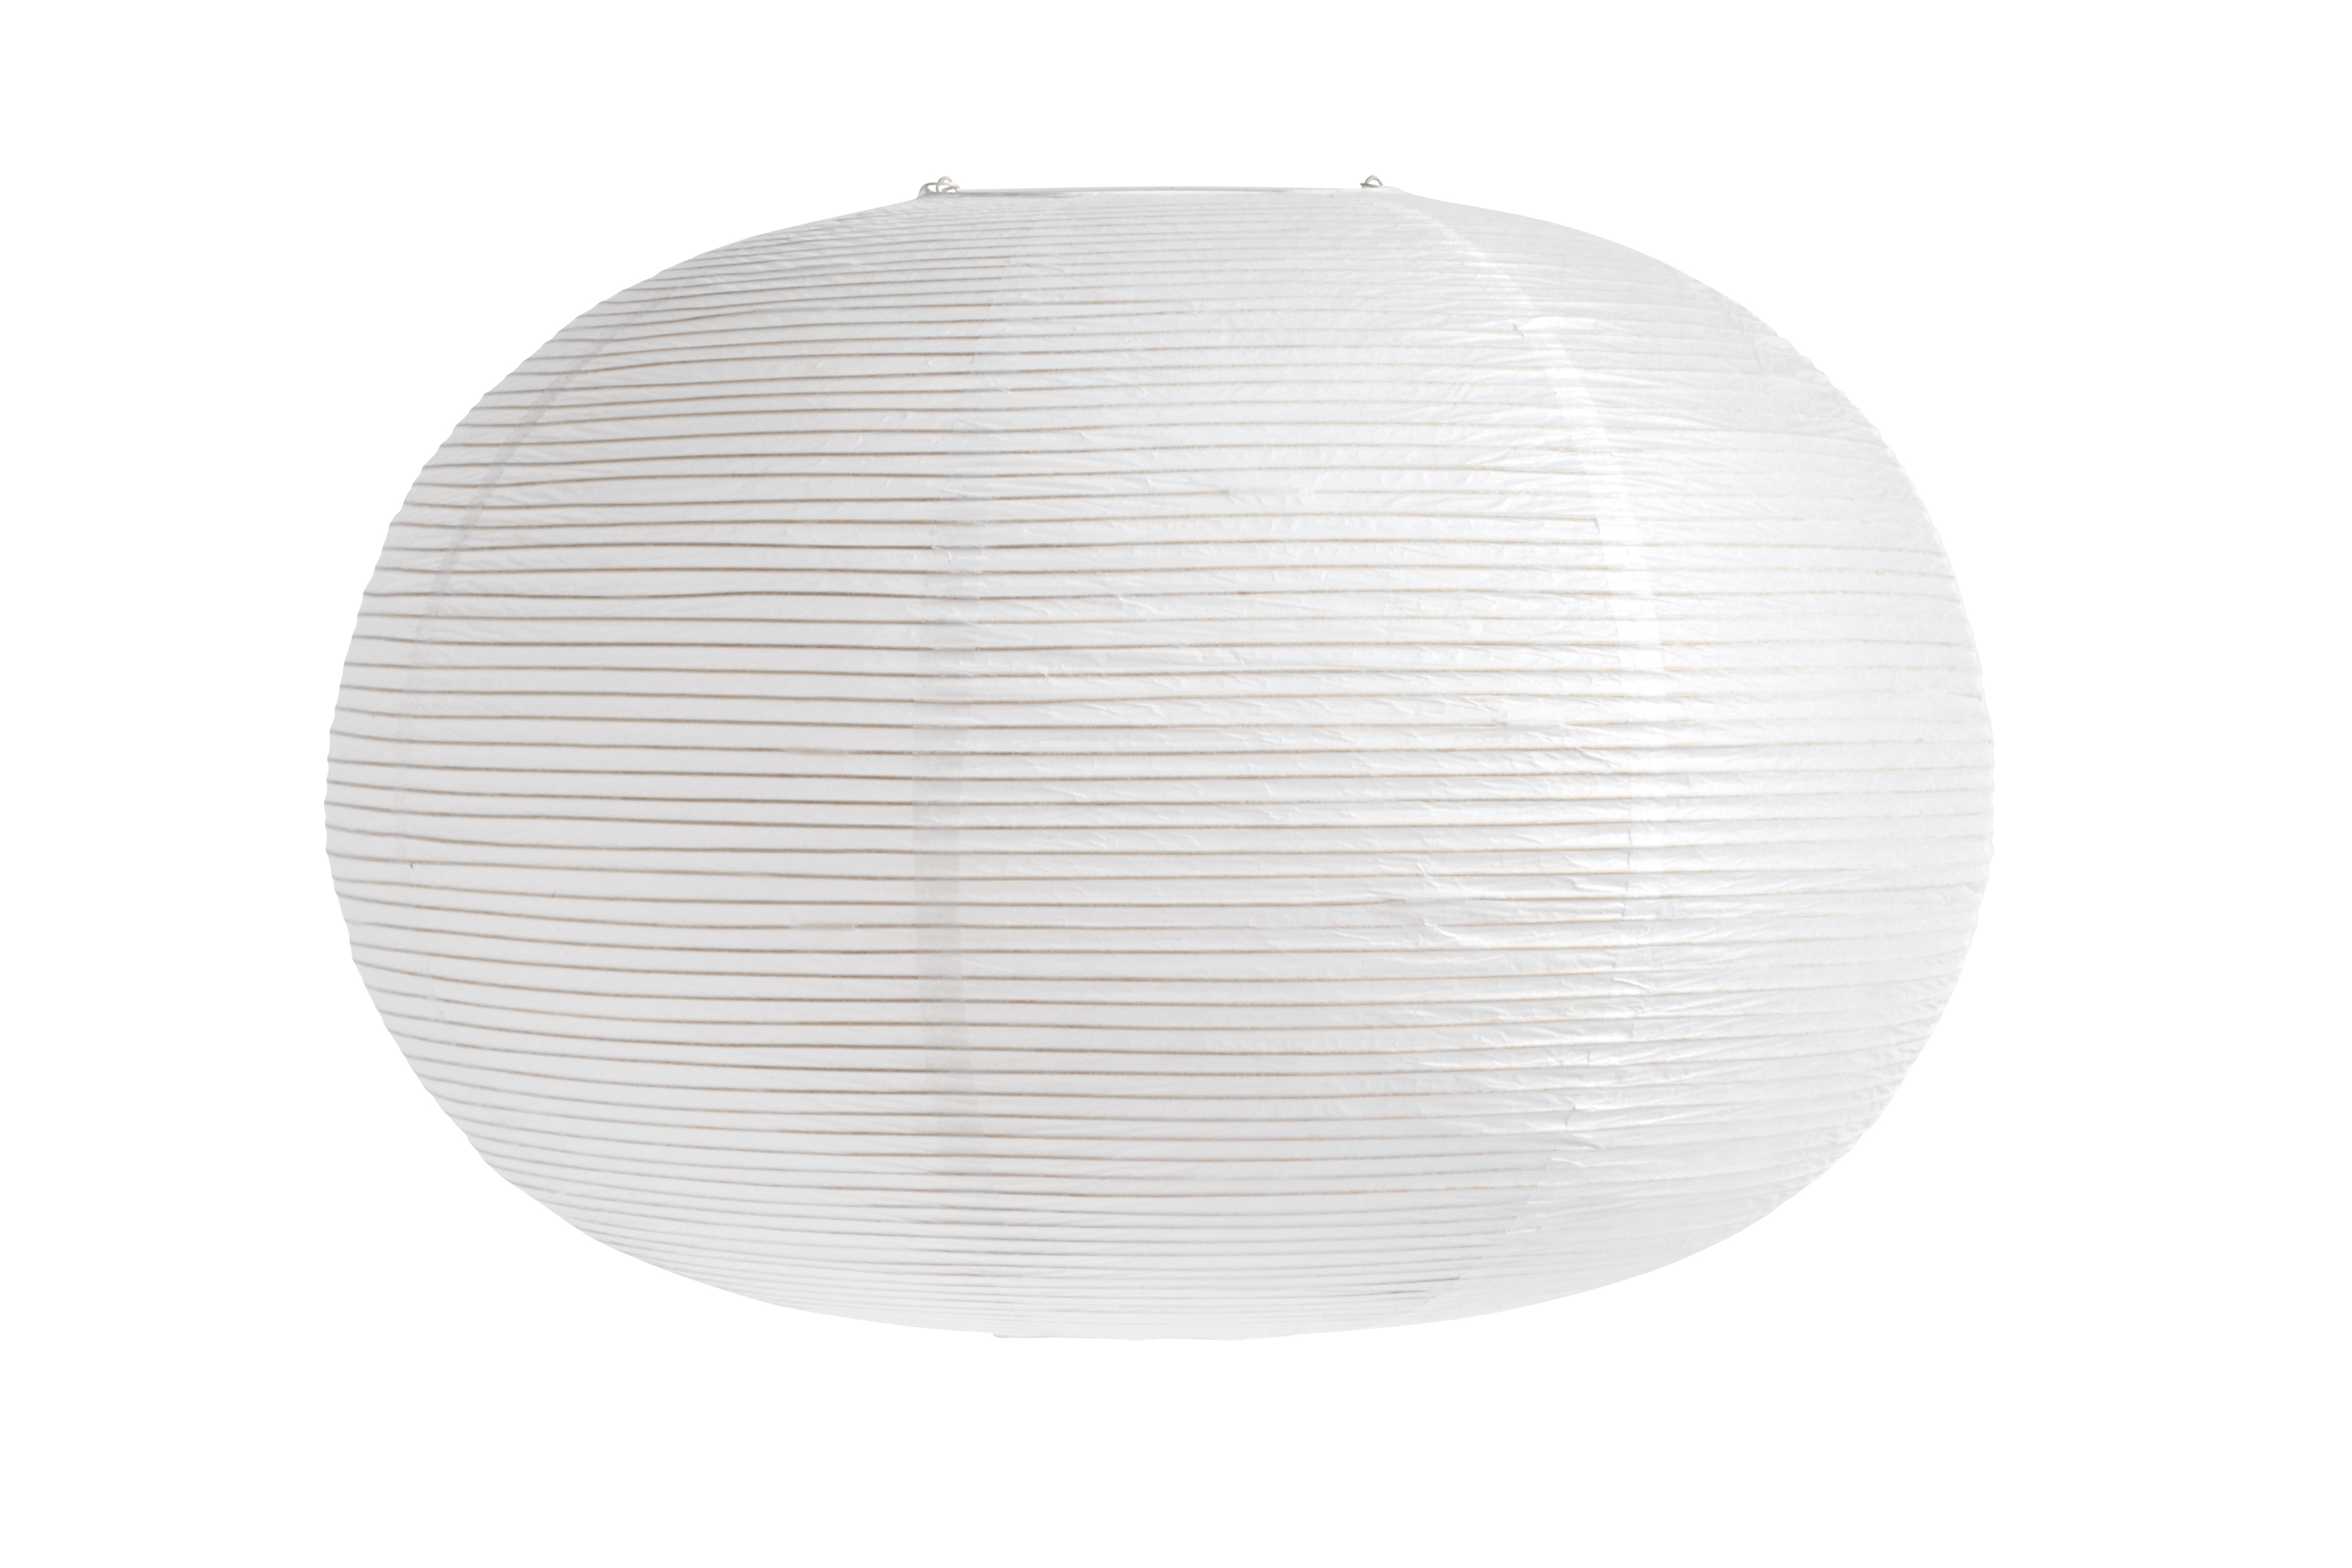 HAY Ellipse rispapir lampeskærm, Ø70 cm, hvid